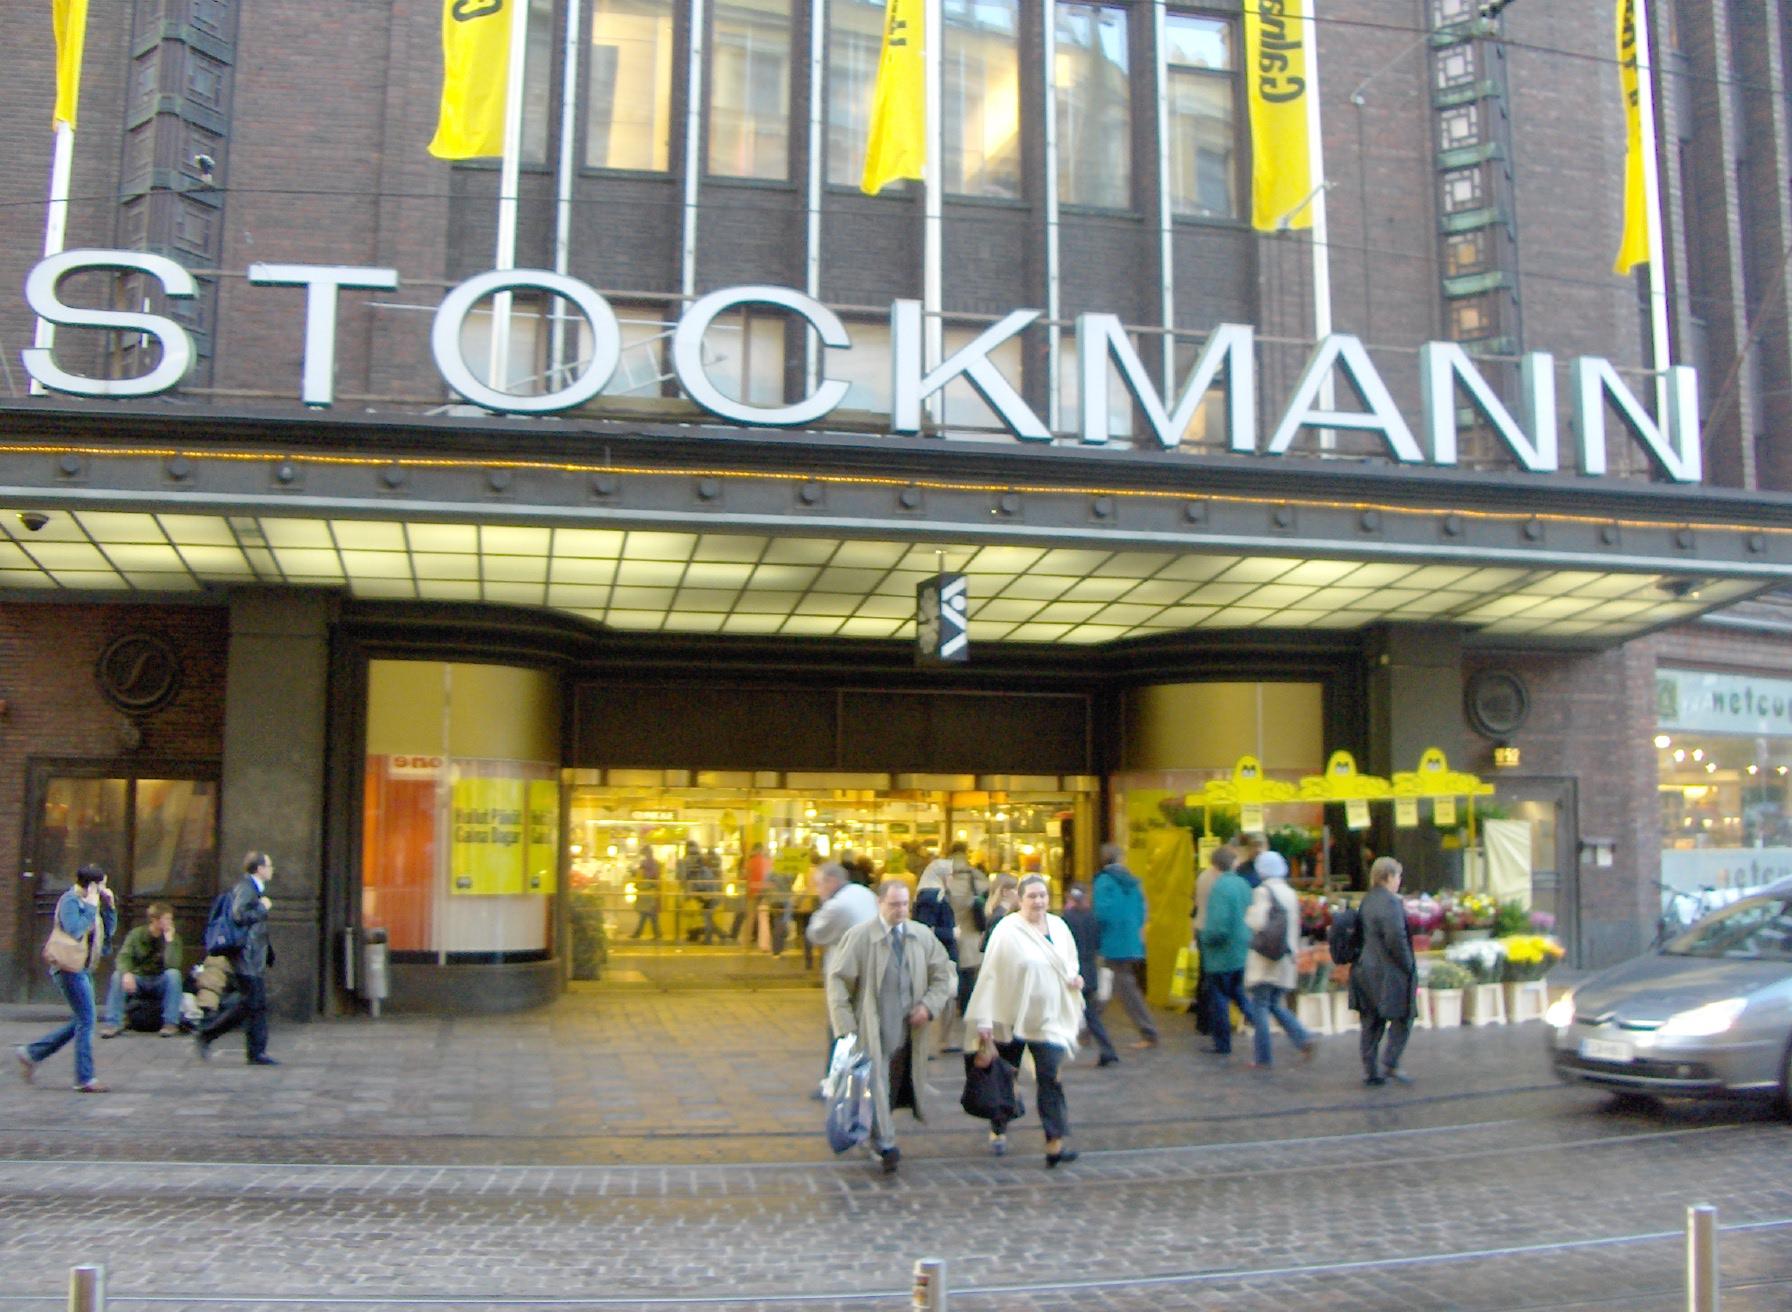 Stockmann Helsinki Laukut : Stockmann